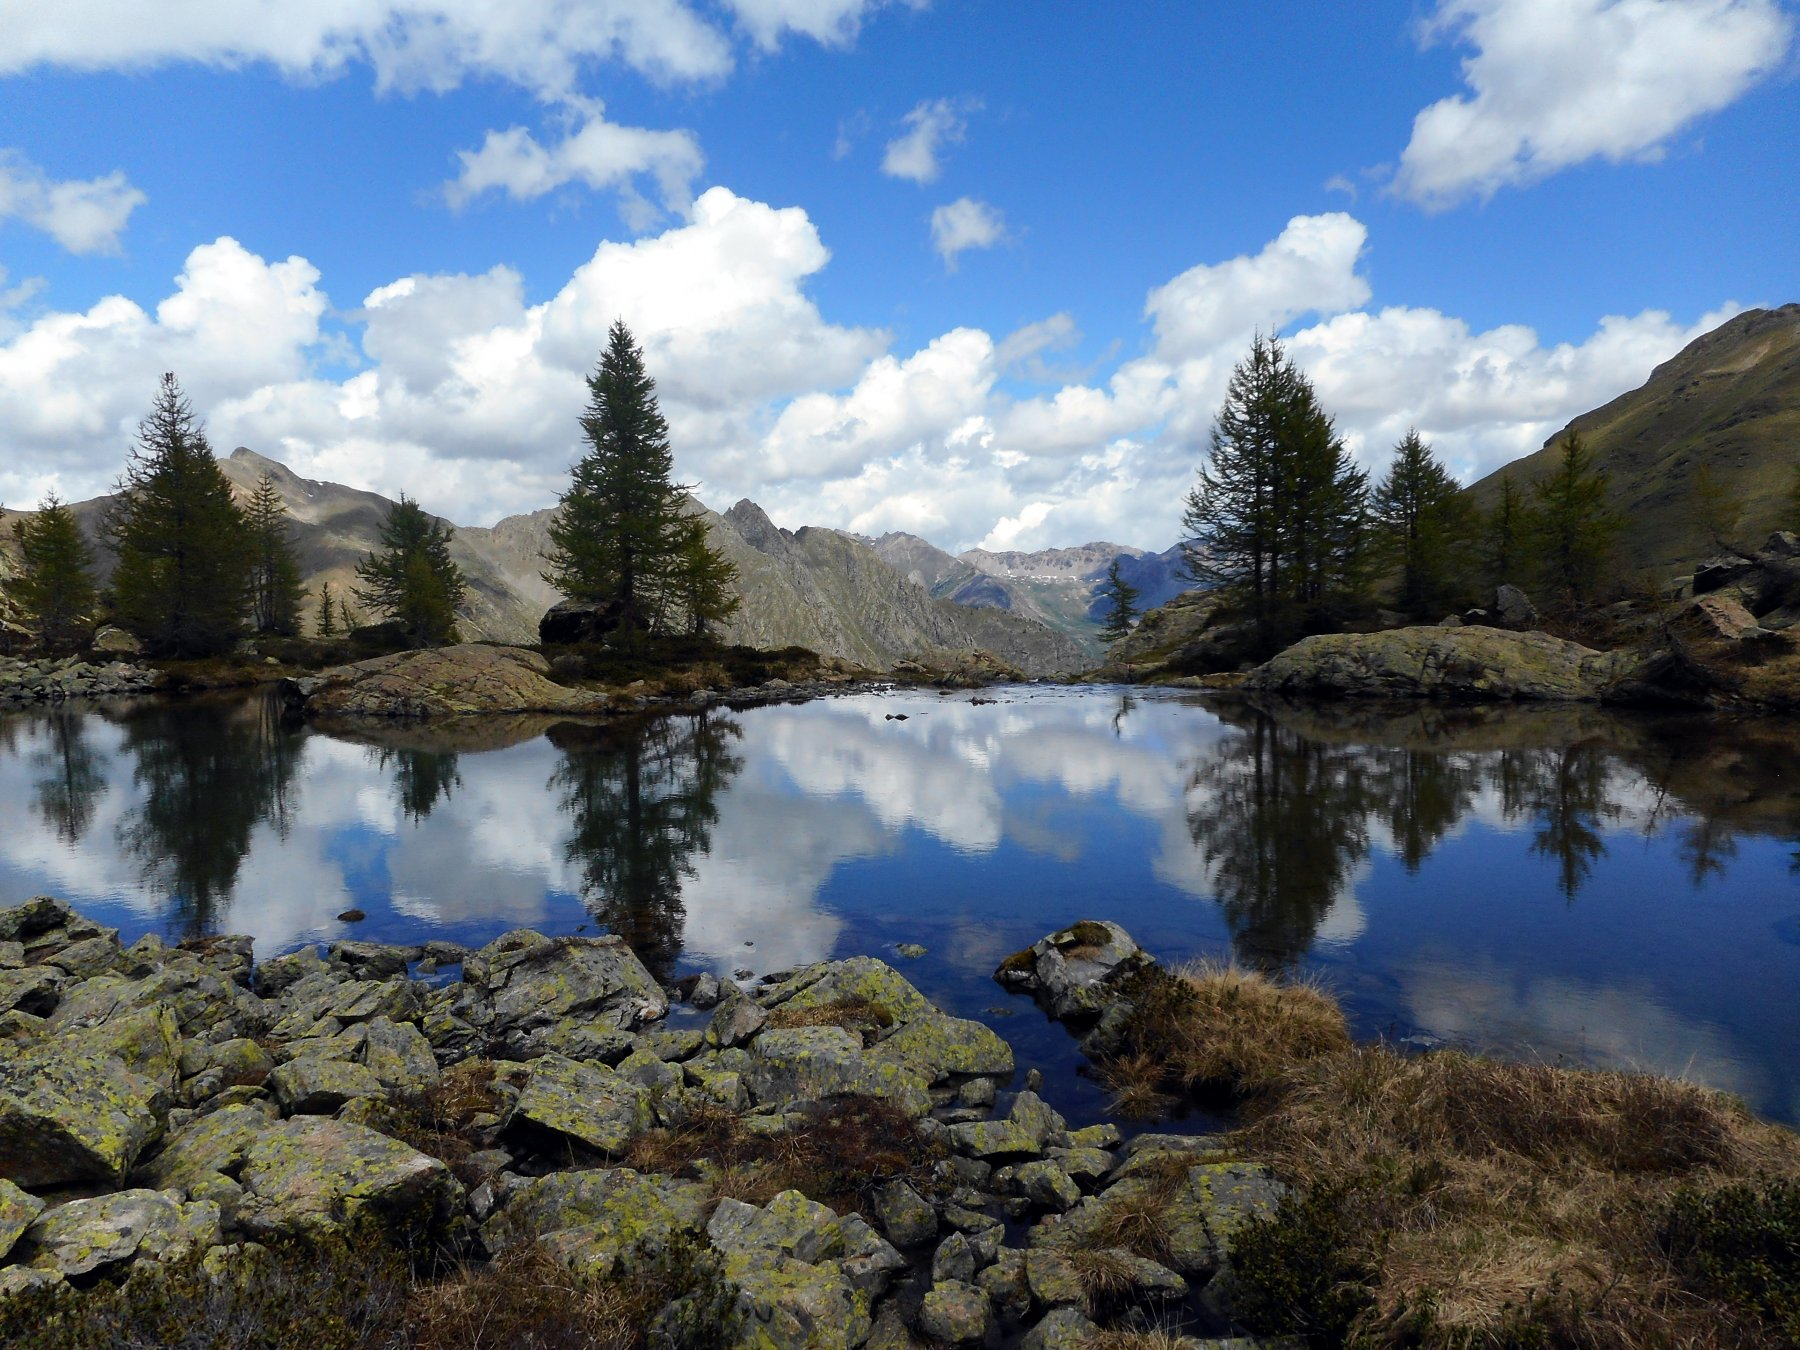 lago Scolettas